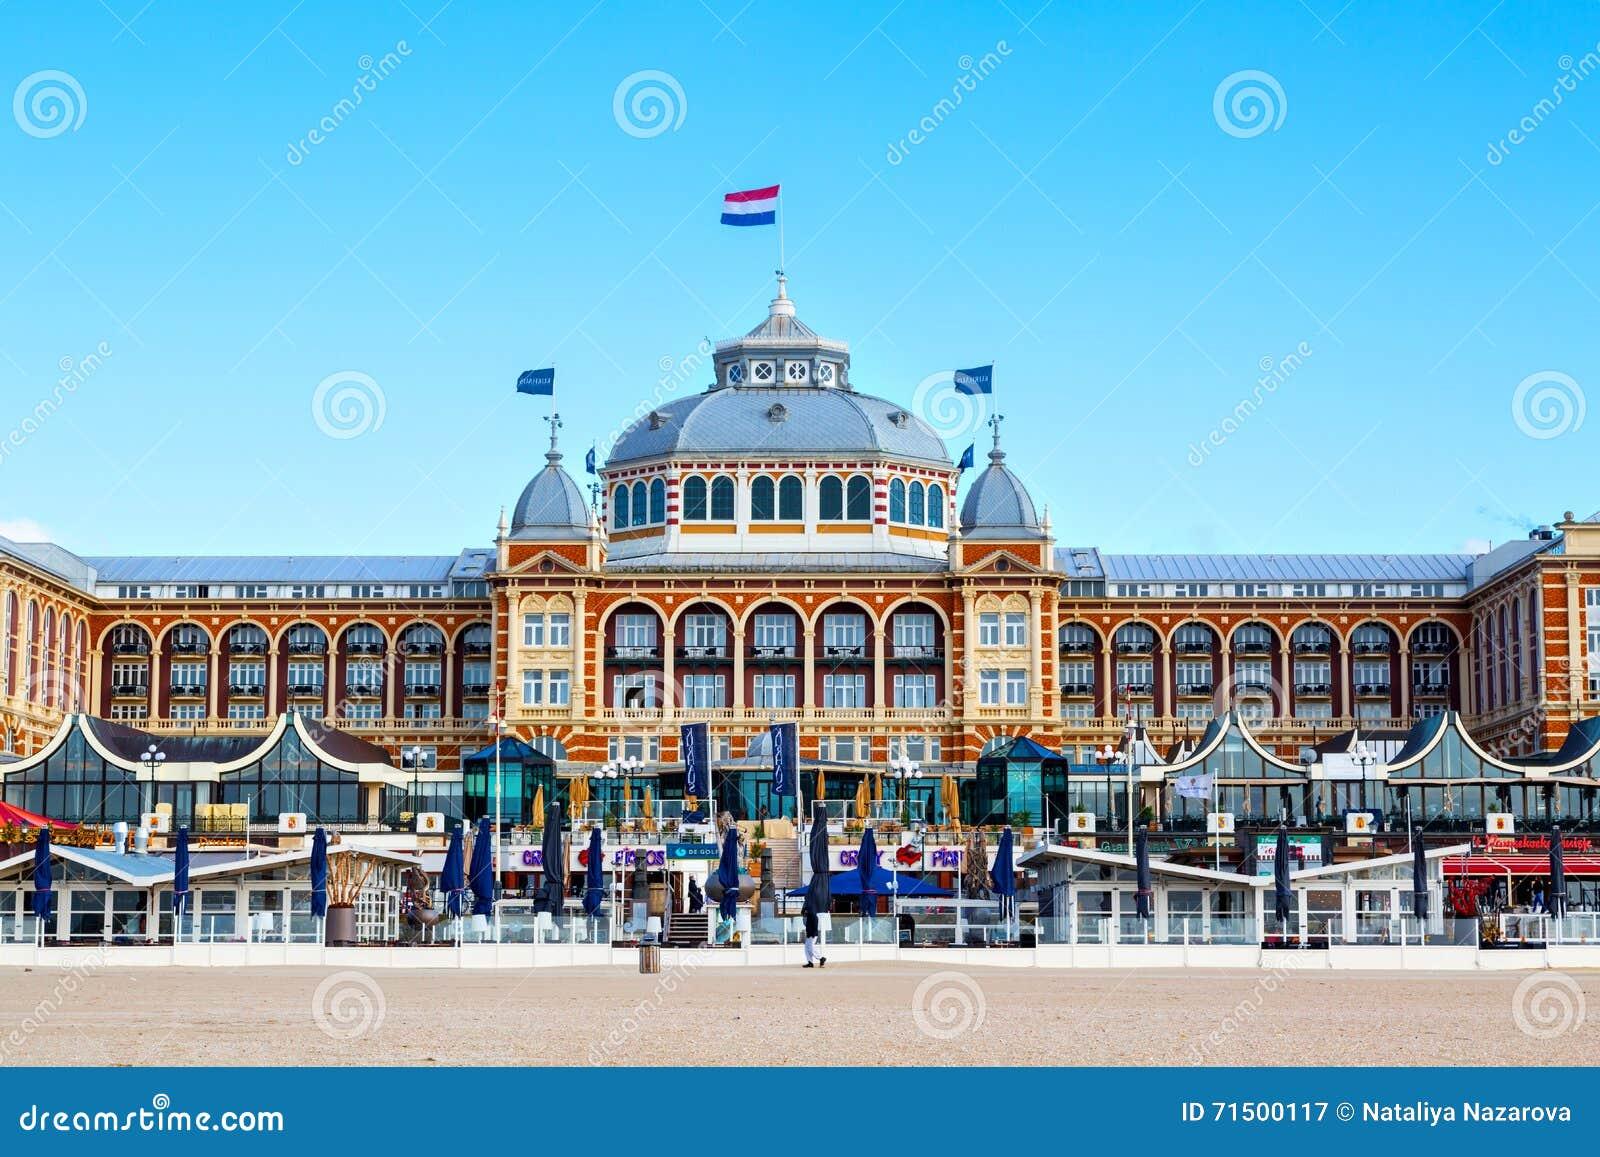 Grand Hotel Amrath Scheveningen